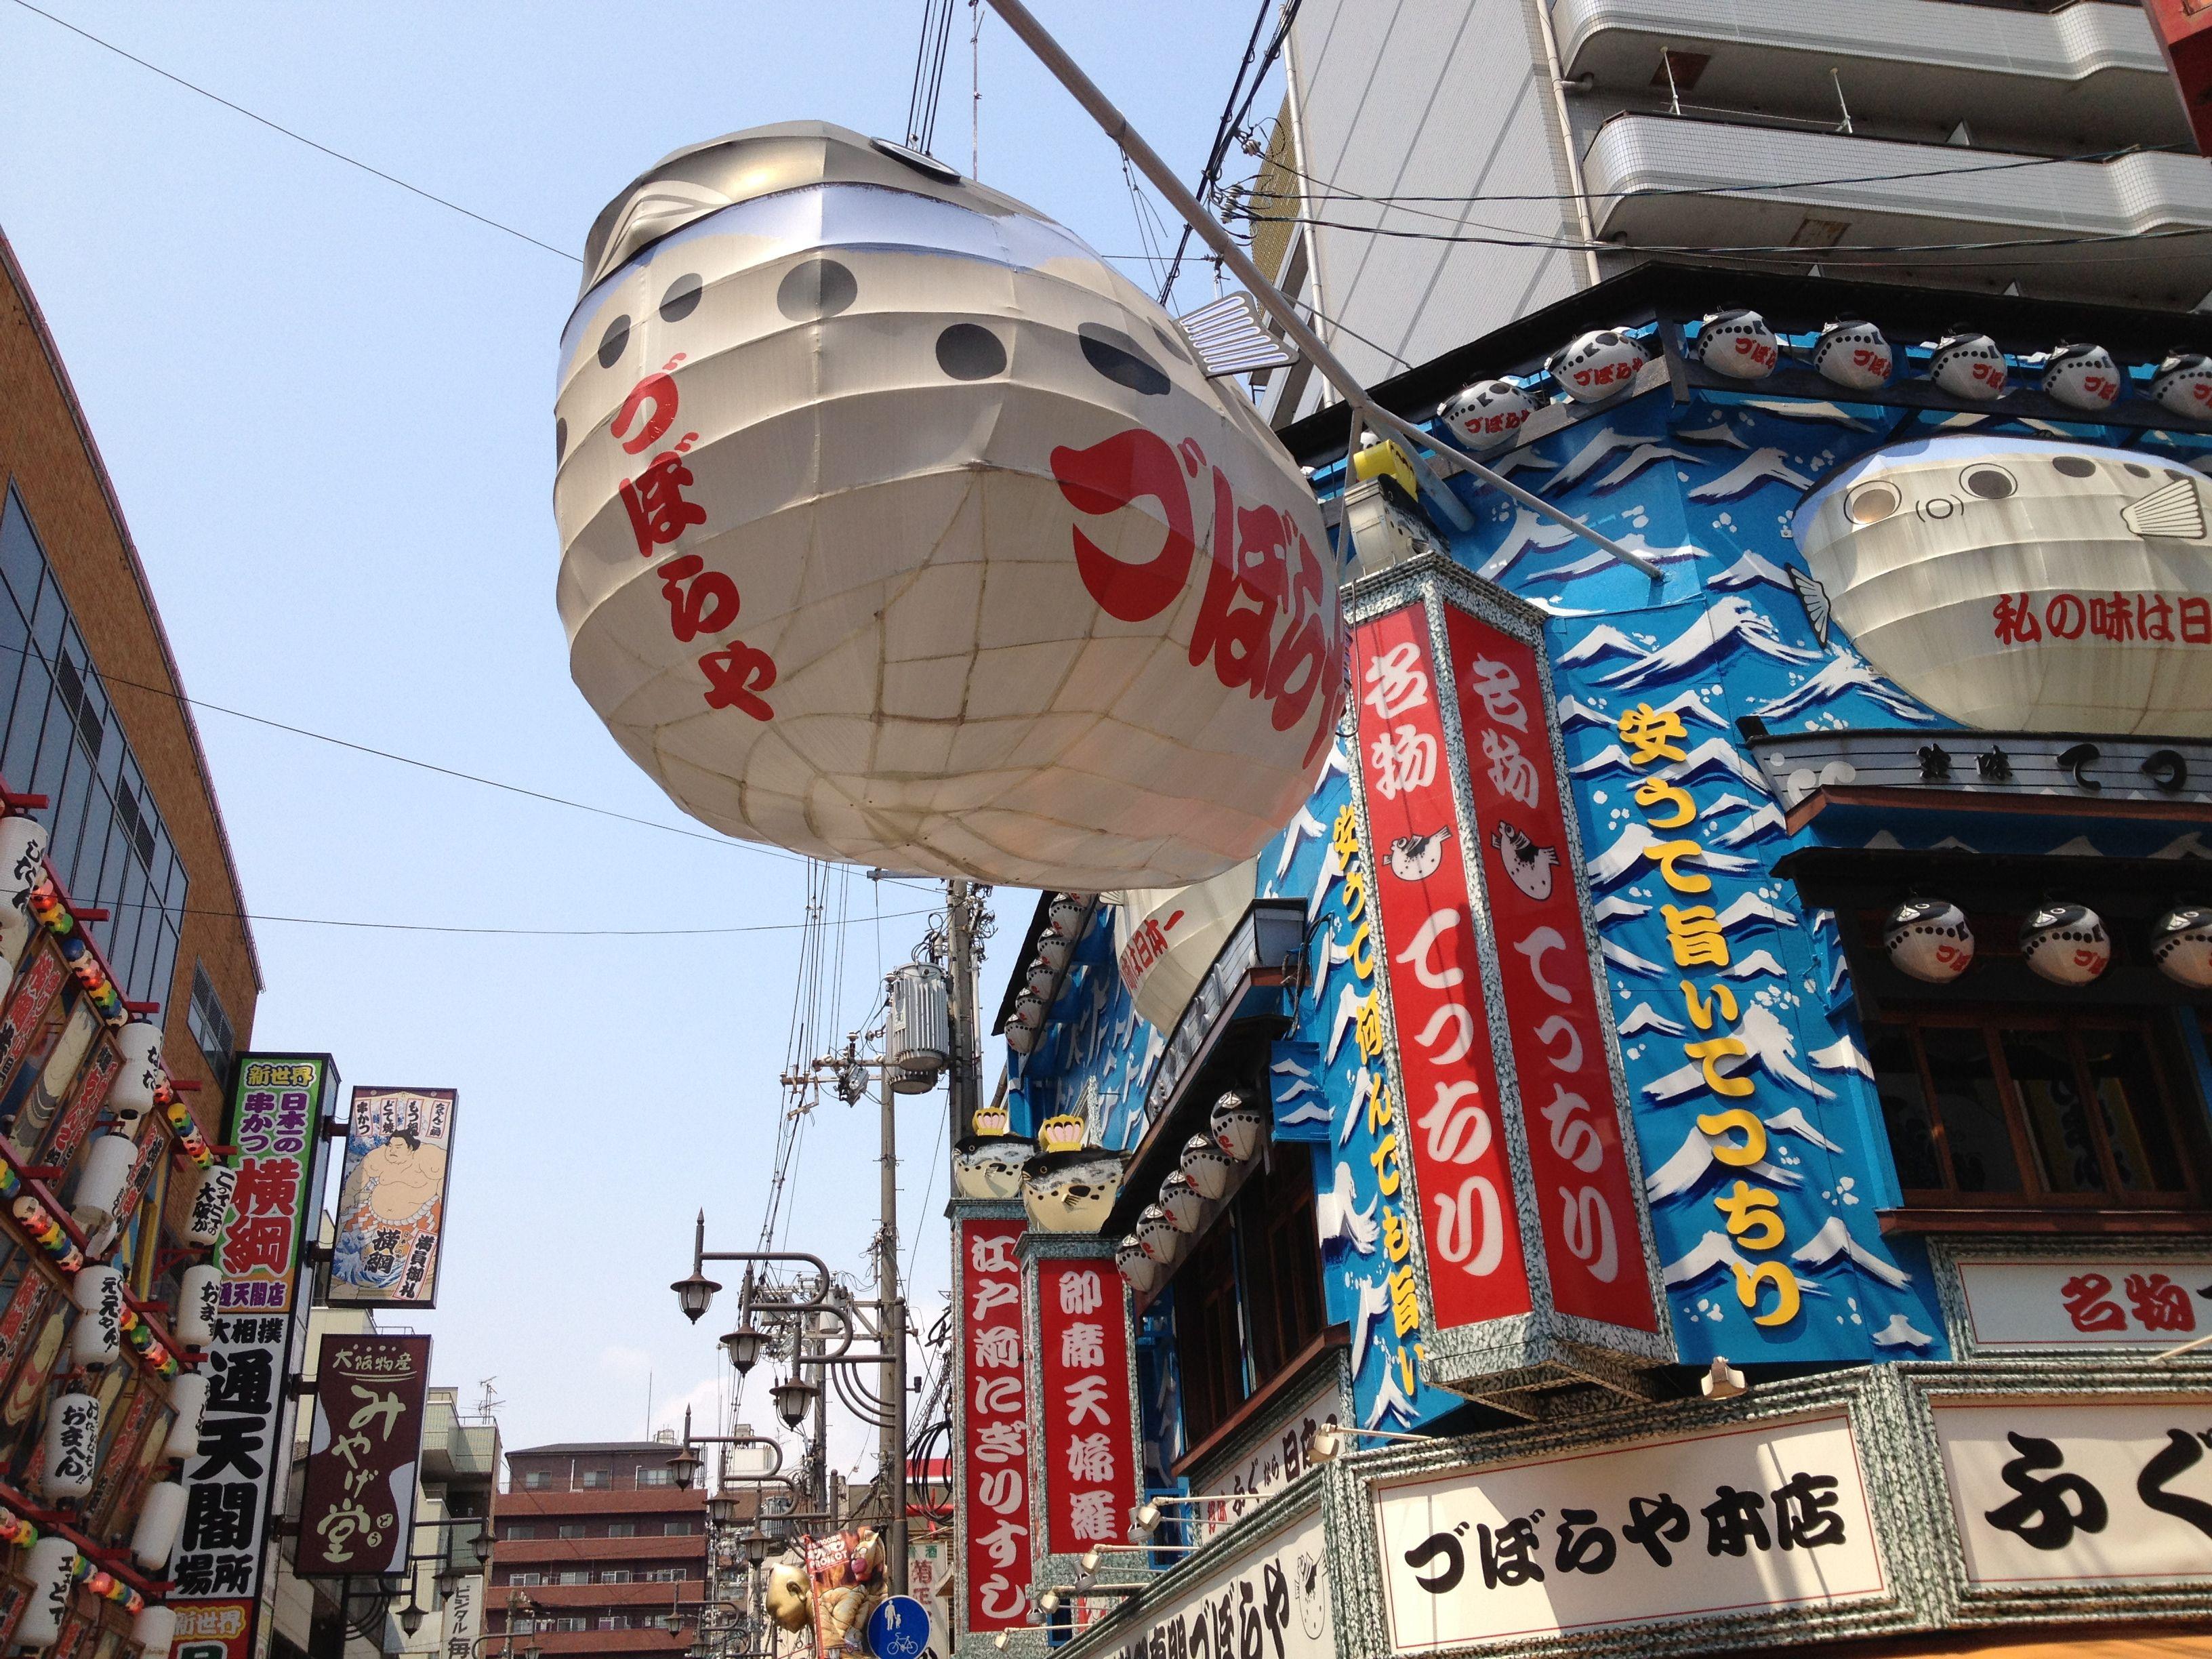 Shin-Sekai (New World), Osaka